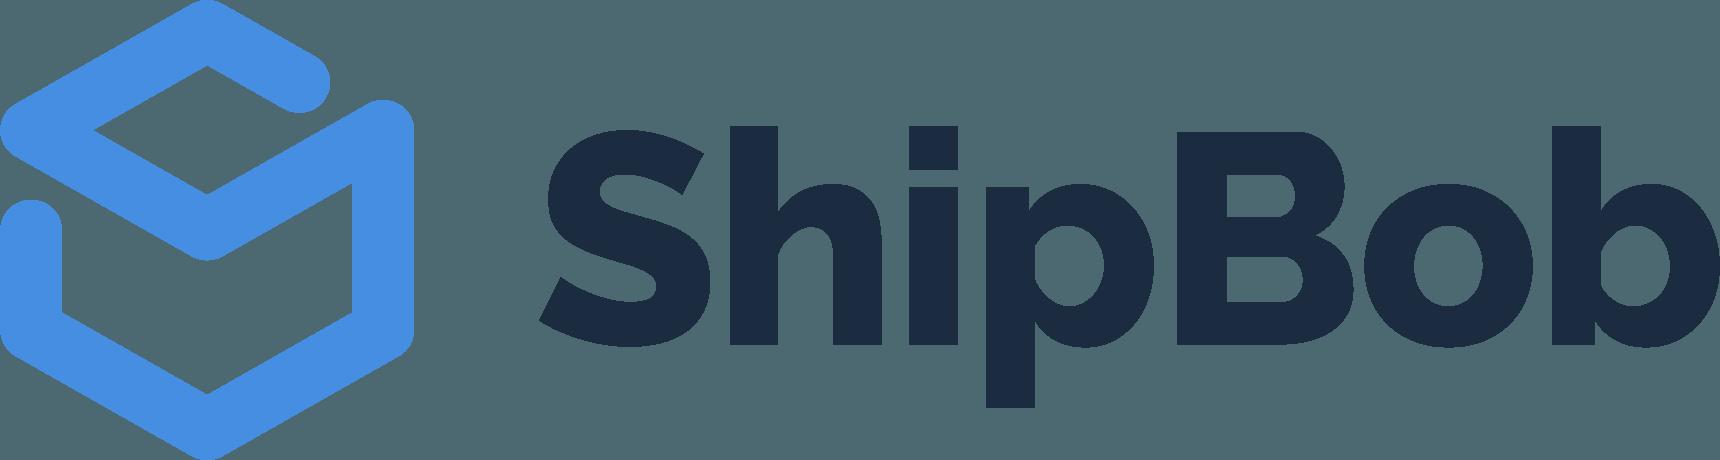 Shipbob - order fulfillment costs